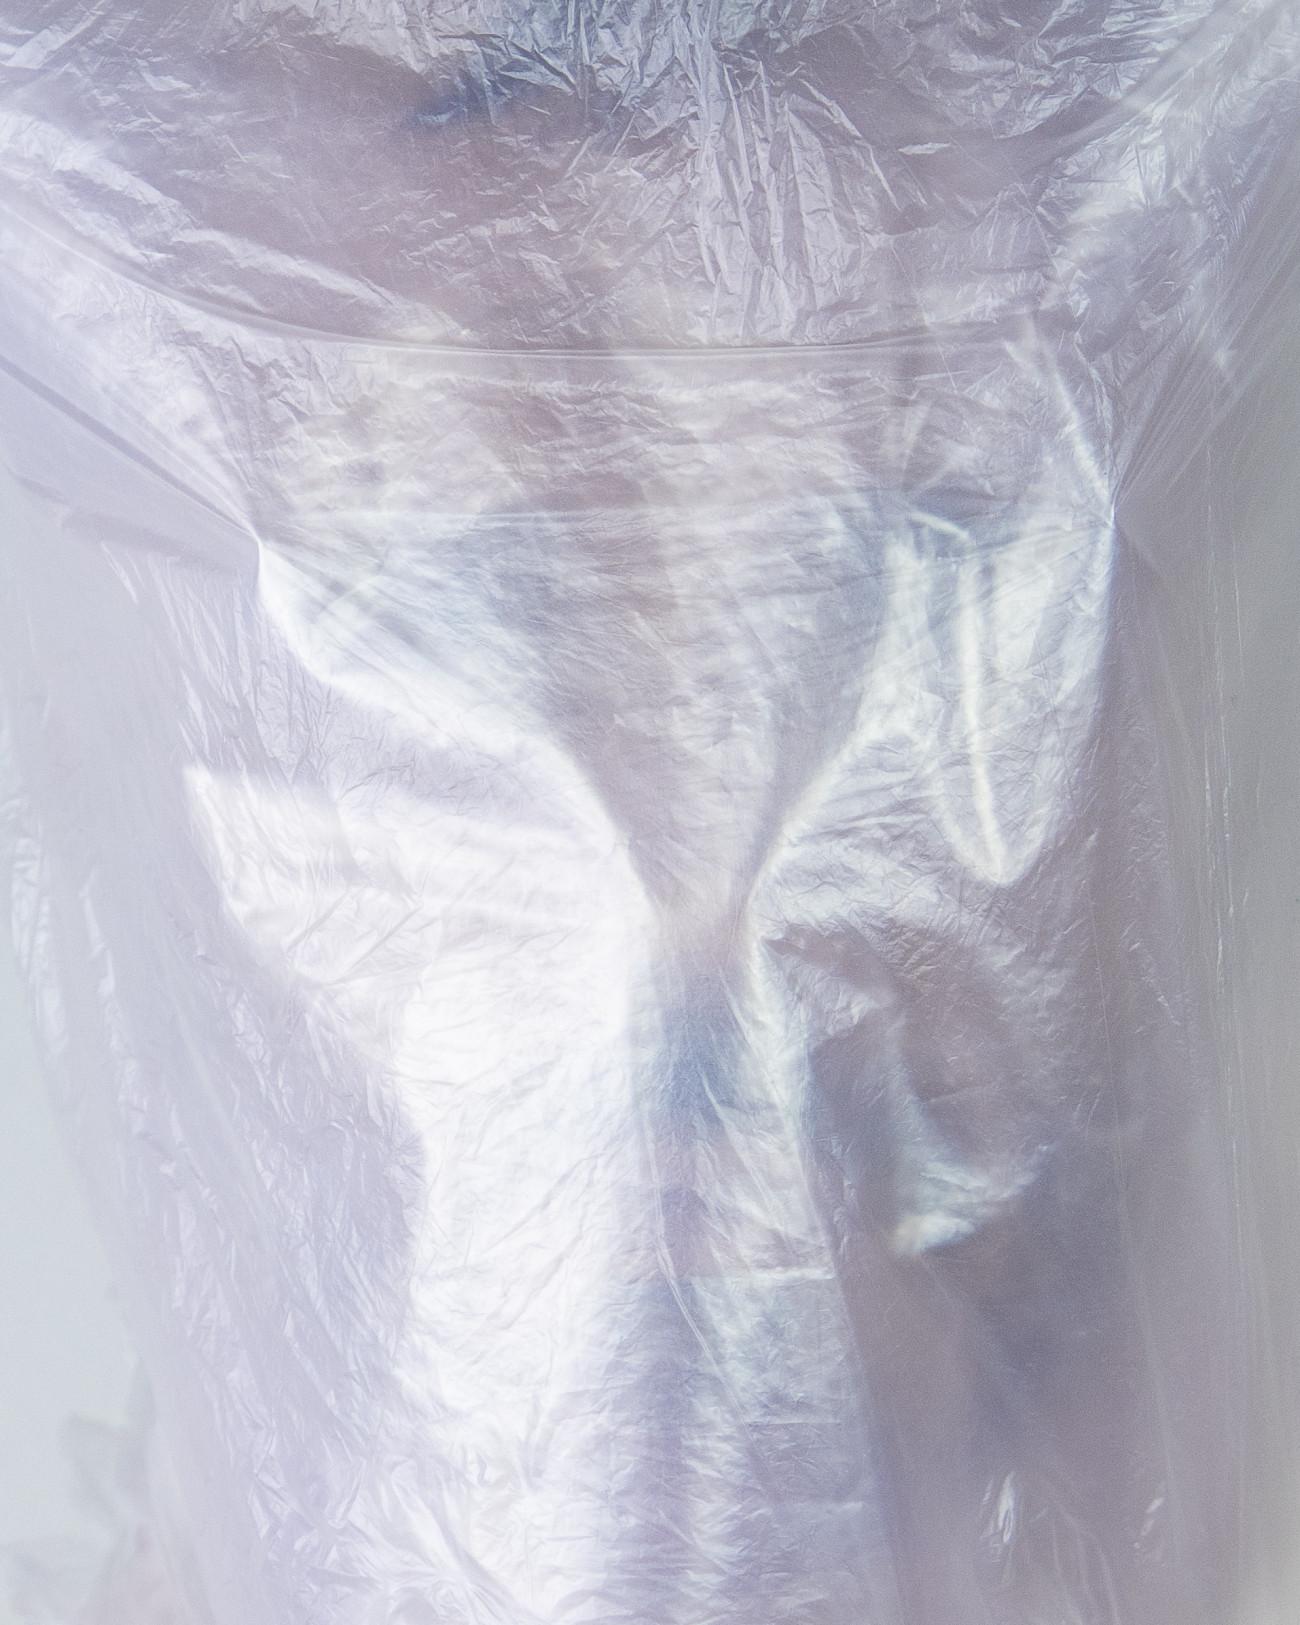 Steve Giasson. Performance invisible n° 200 (Être encore ici). D'après Geta Brătescu. Towards White (Self-Portrait in Seven Sequences). 1975. Performeur : Steve Giasson. Crédit photographique : Martin Vinette. Retouches photographiques : Daniel Roy. 29 novembre 2020.